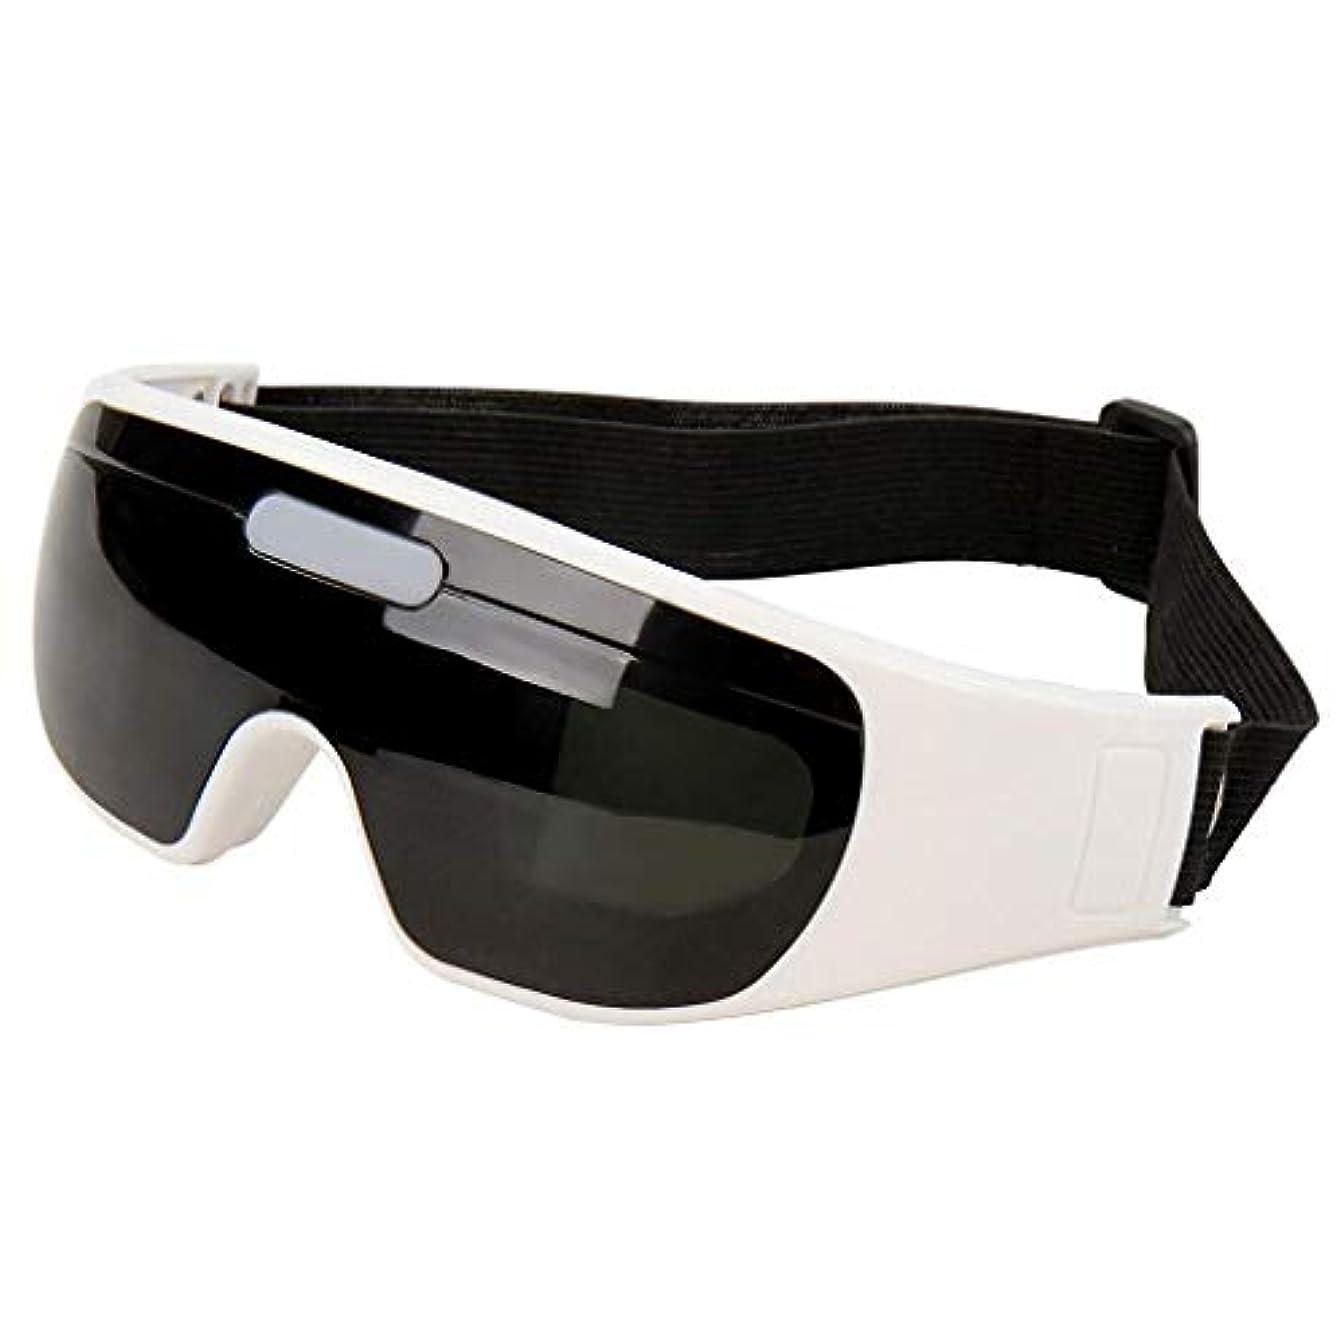 フォーク抽選ウルルアイマッサージメガネ、24ソフトマッサージセンサーメガネ、磁気療法アイマッサージャー、9モード電動アイマッサージャー健康、リラクゼーション、鍼